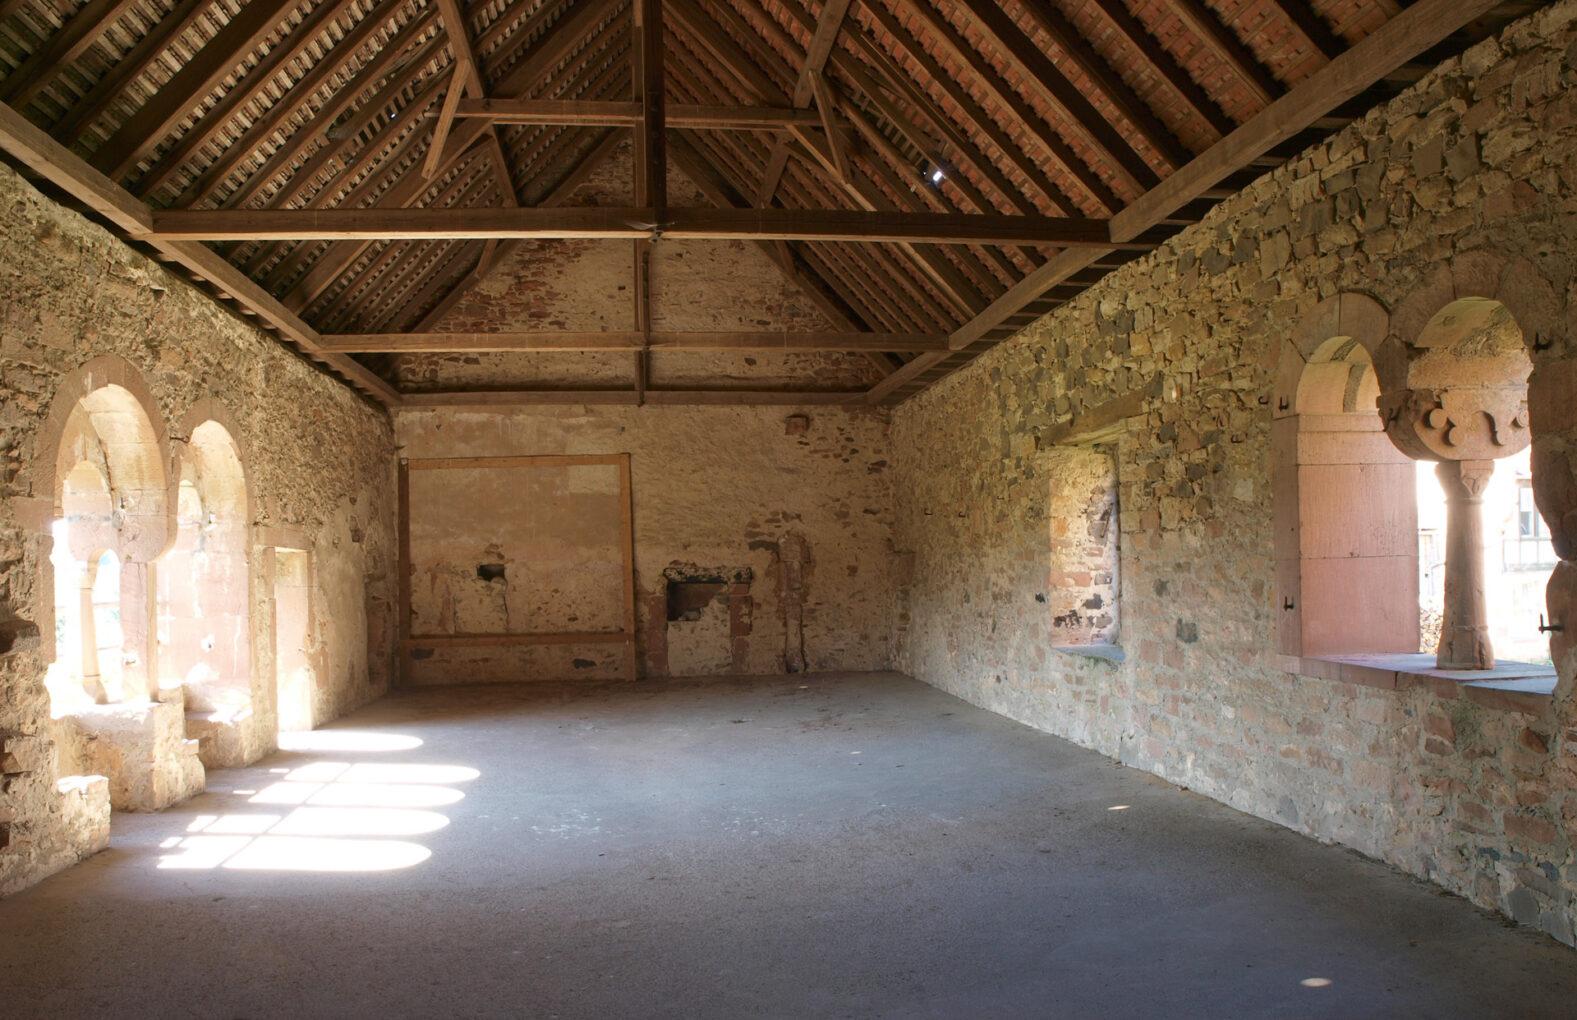 Kloster Konradsdorf, Obergeschoss des Propsteigebäudes